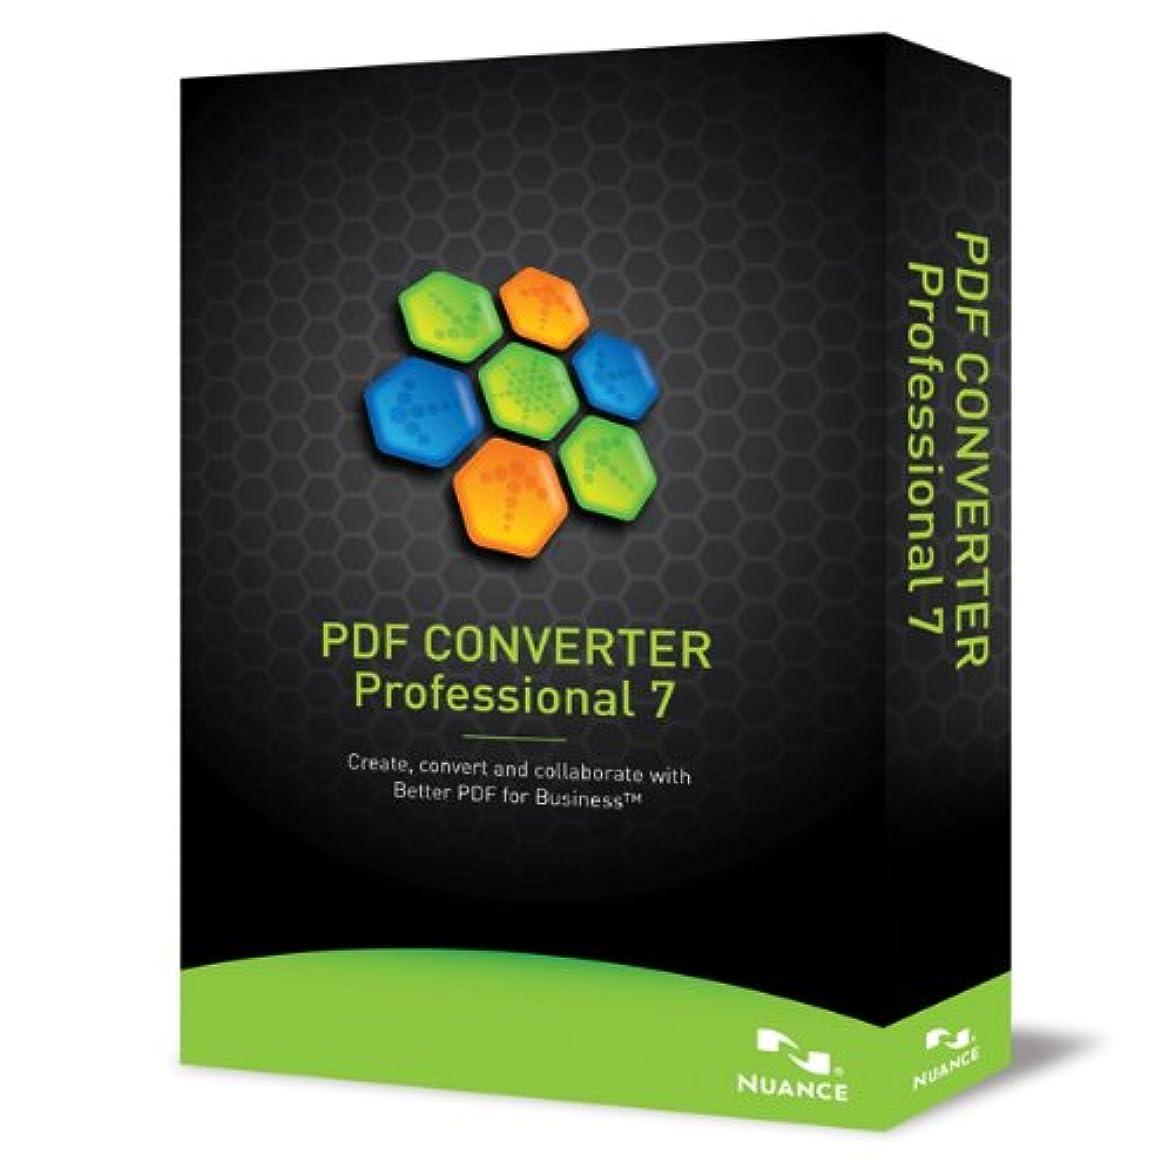 殺す満足ポテトPDF Converter Professional 7.0, US English